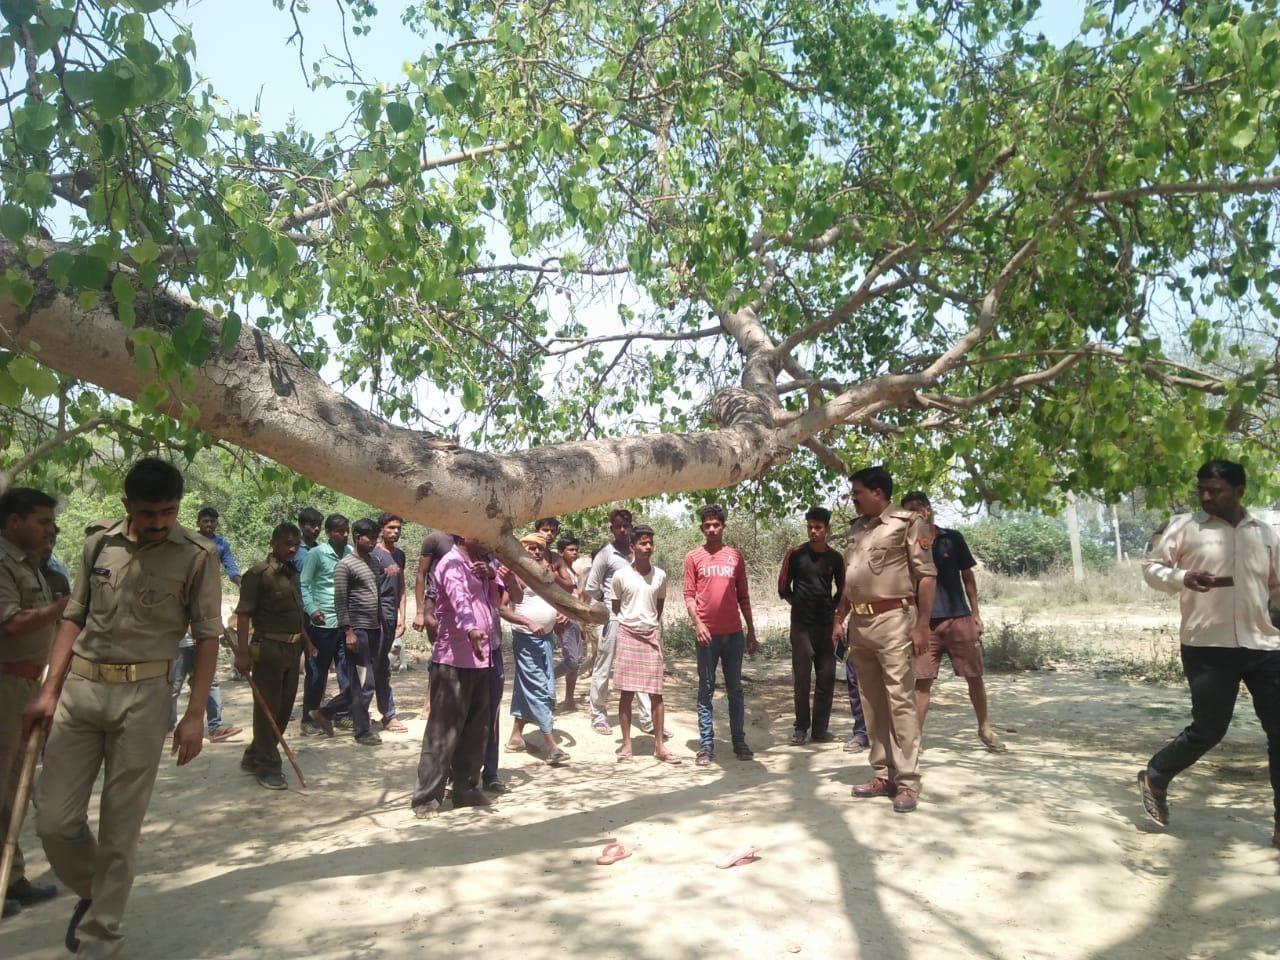 रंजिश में मासूम उतारा मौत के घाट, शव पेड़ पर लटकता मिला